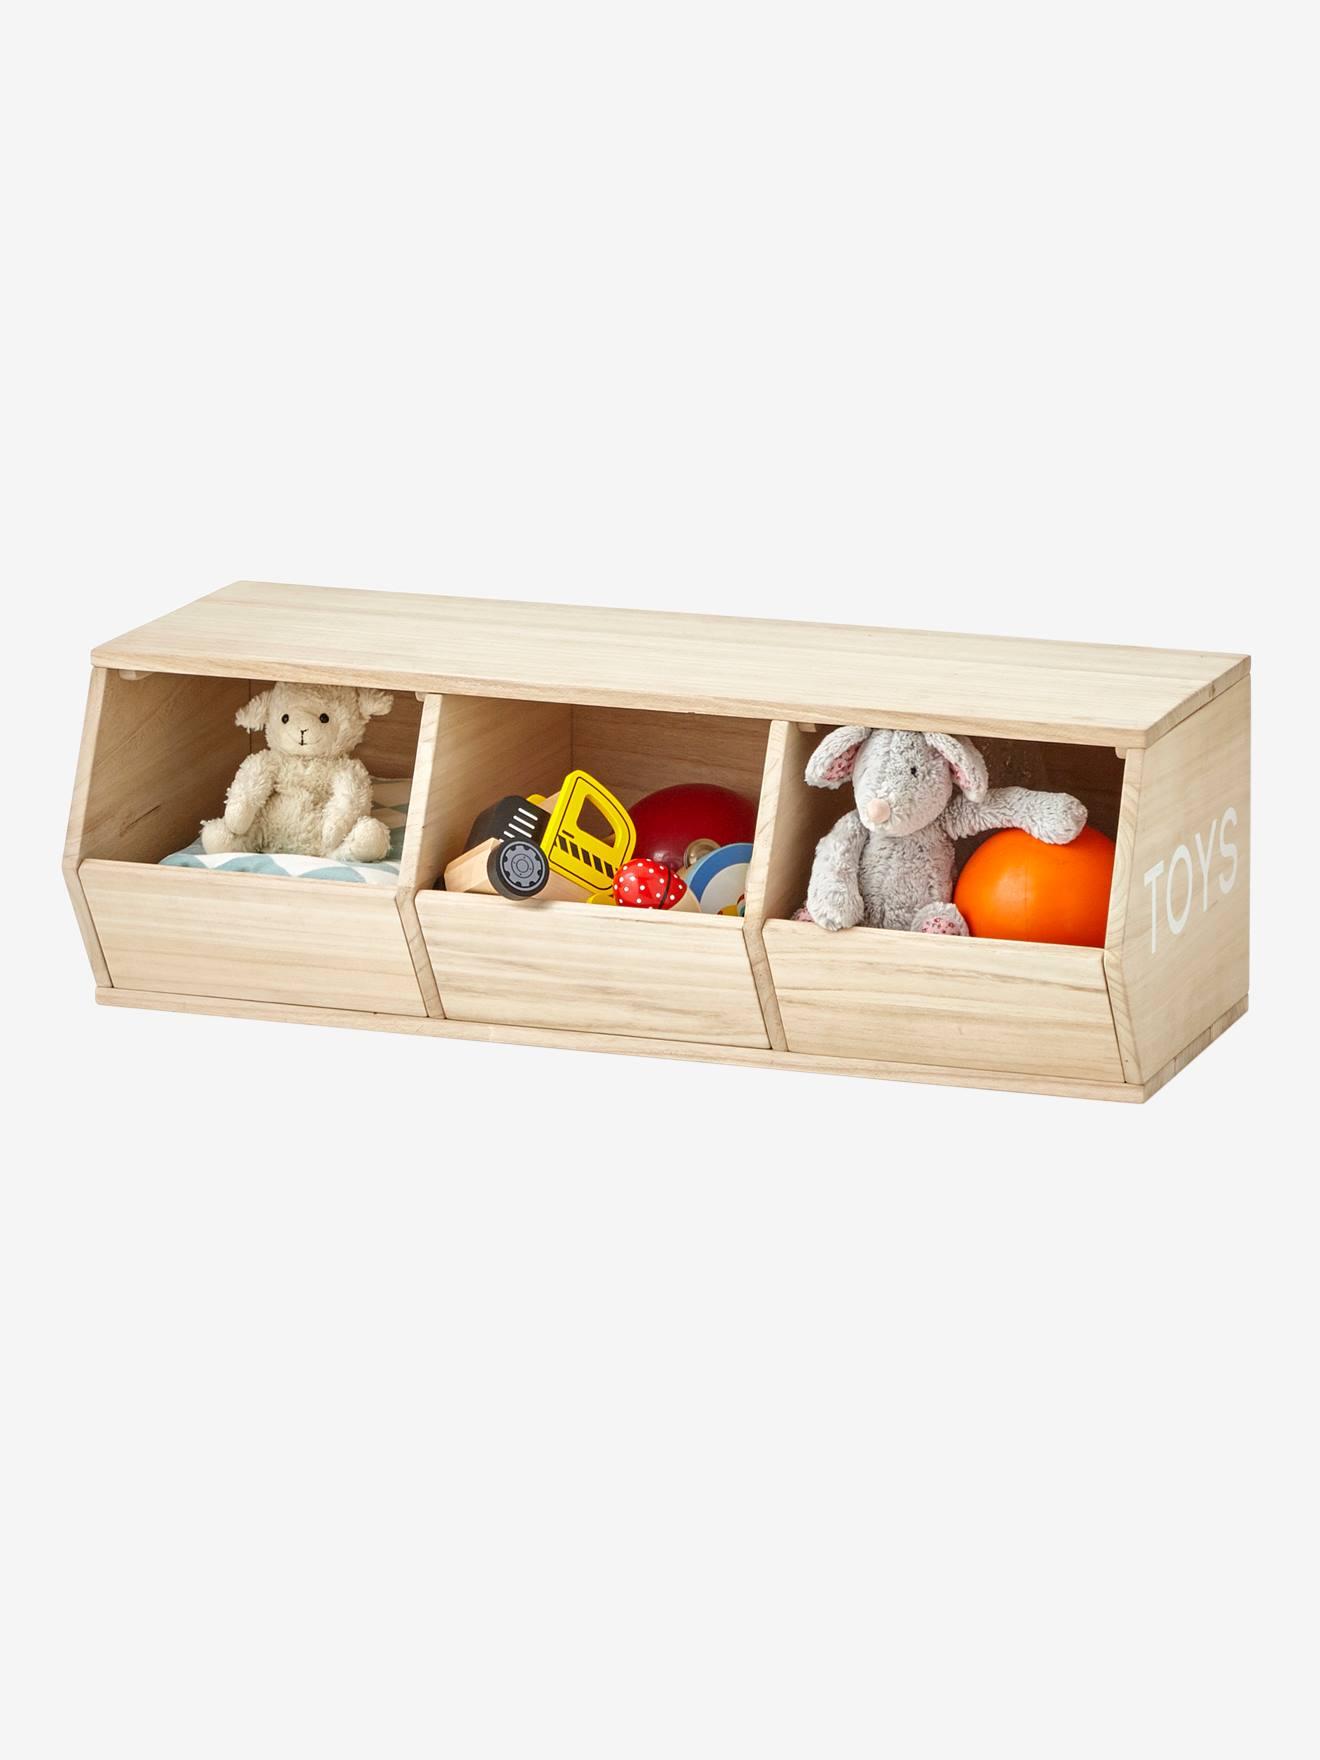 rangement et bacs toys with coffre jouet vertbaudet with vertbaudet coffre a jouet. Black Bedroom Furniture Sets. Home Design Ideas